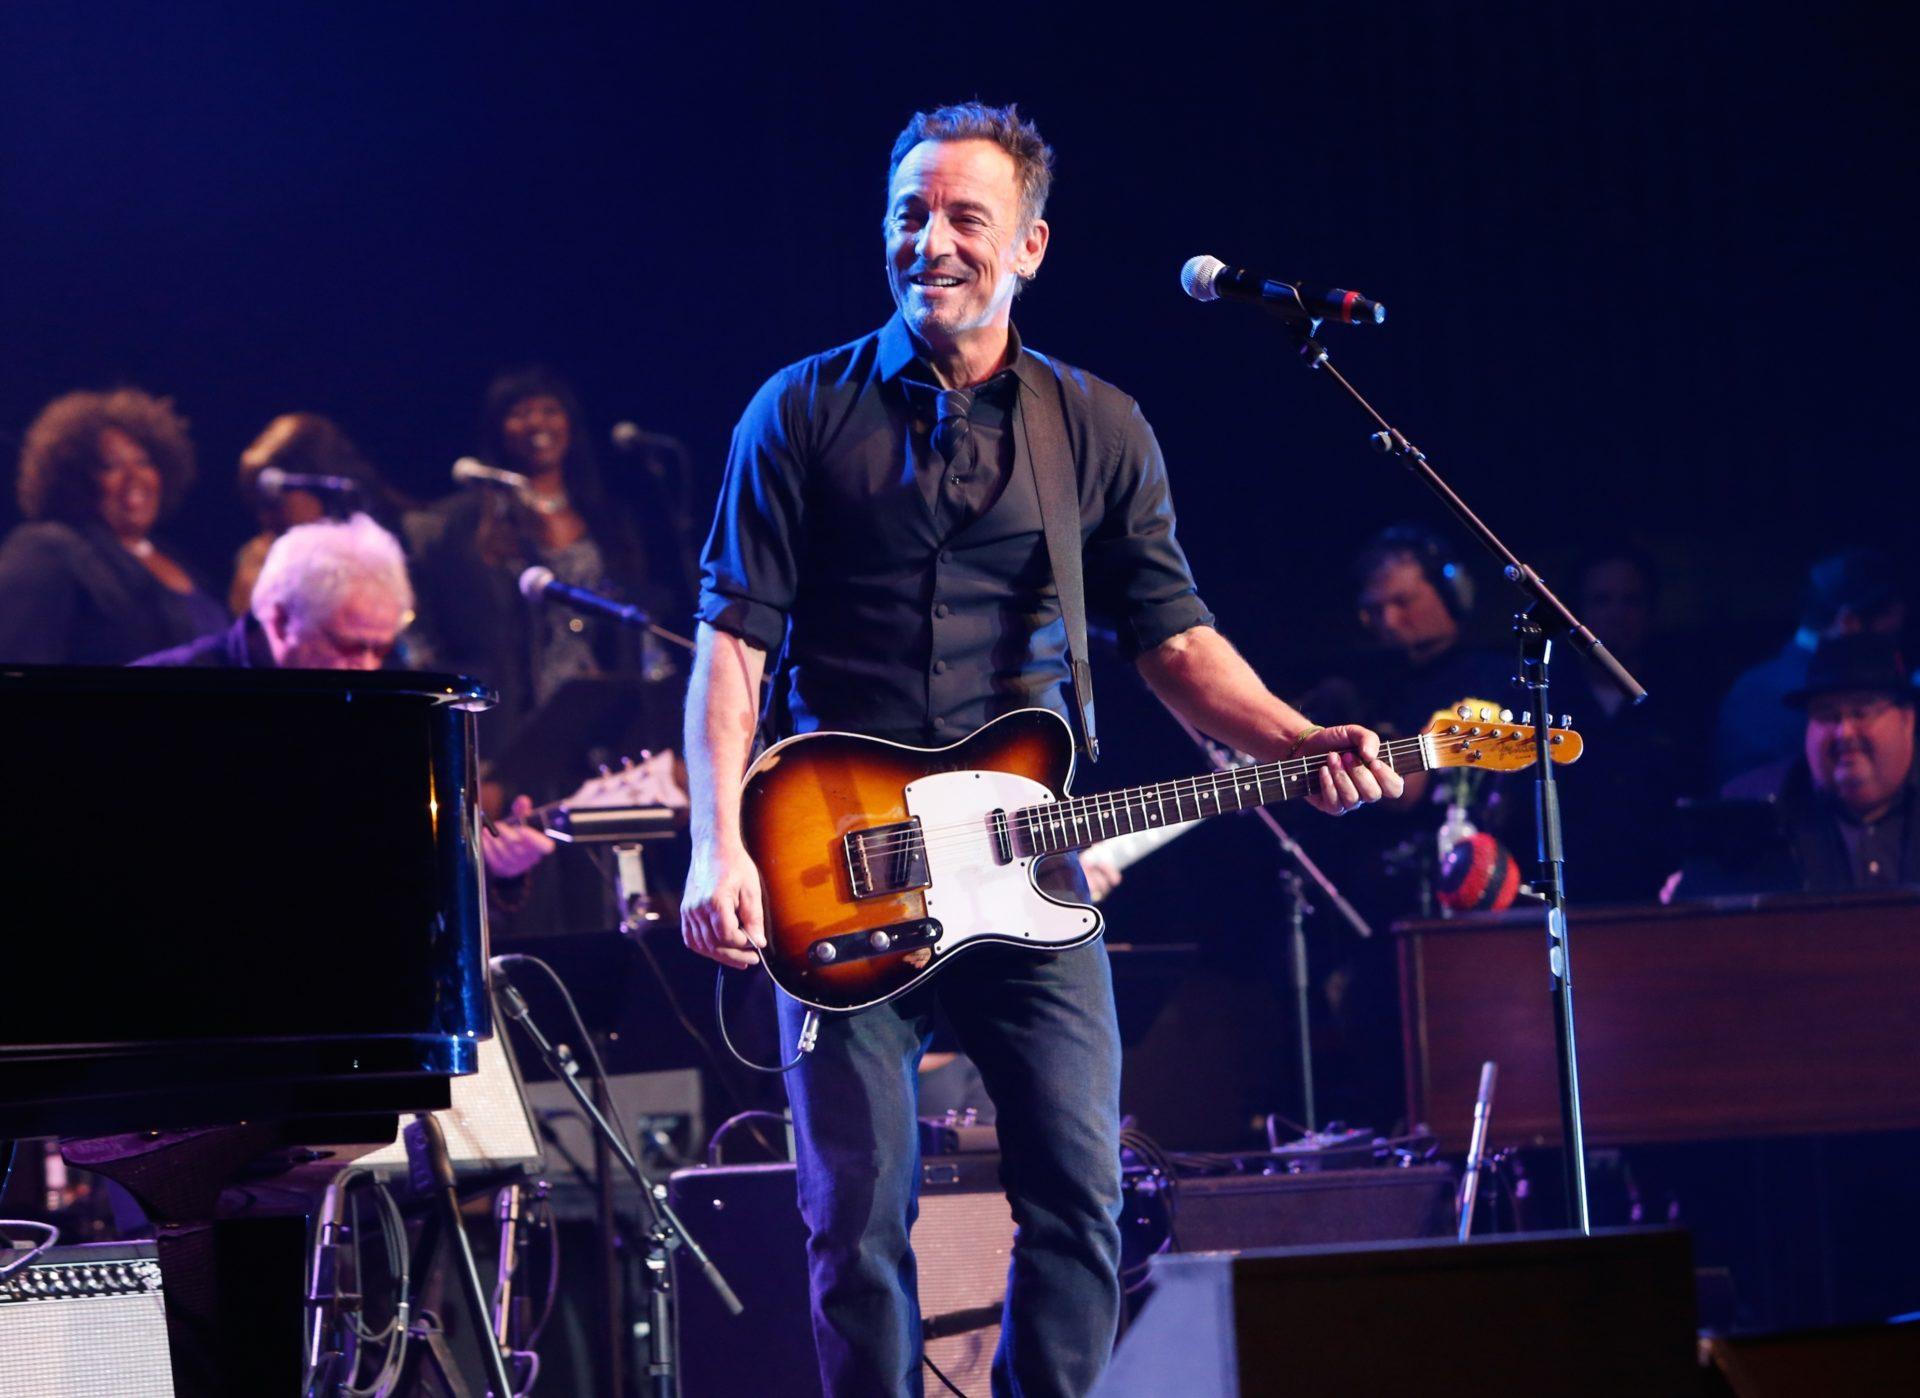 El músico estadounidense Bruce Springsteen anuncia su gira de conciertos en España